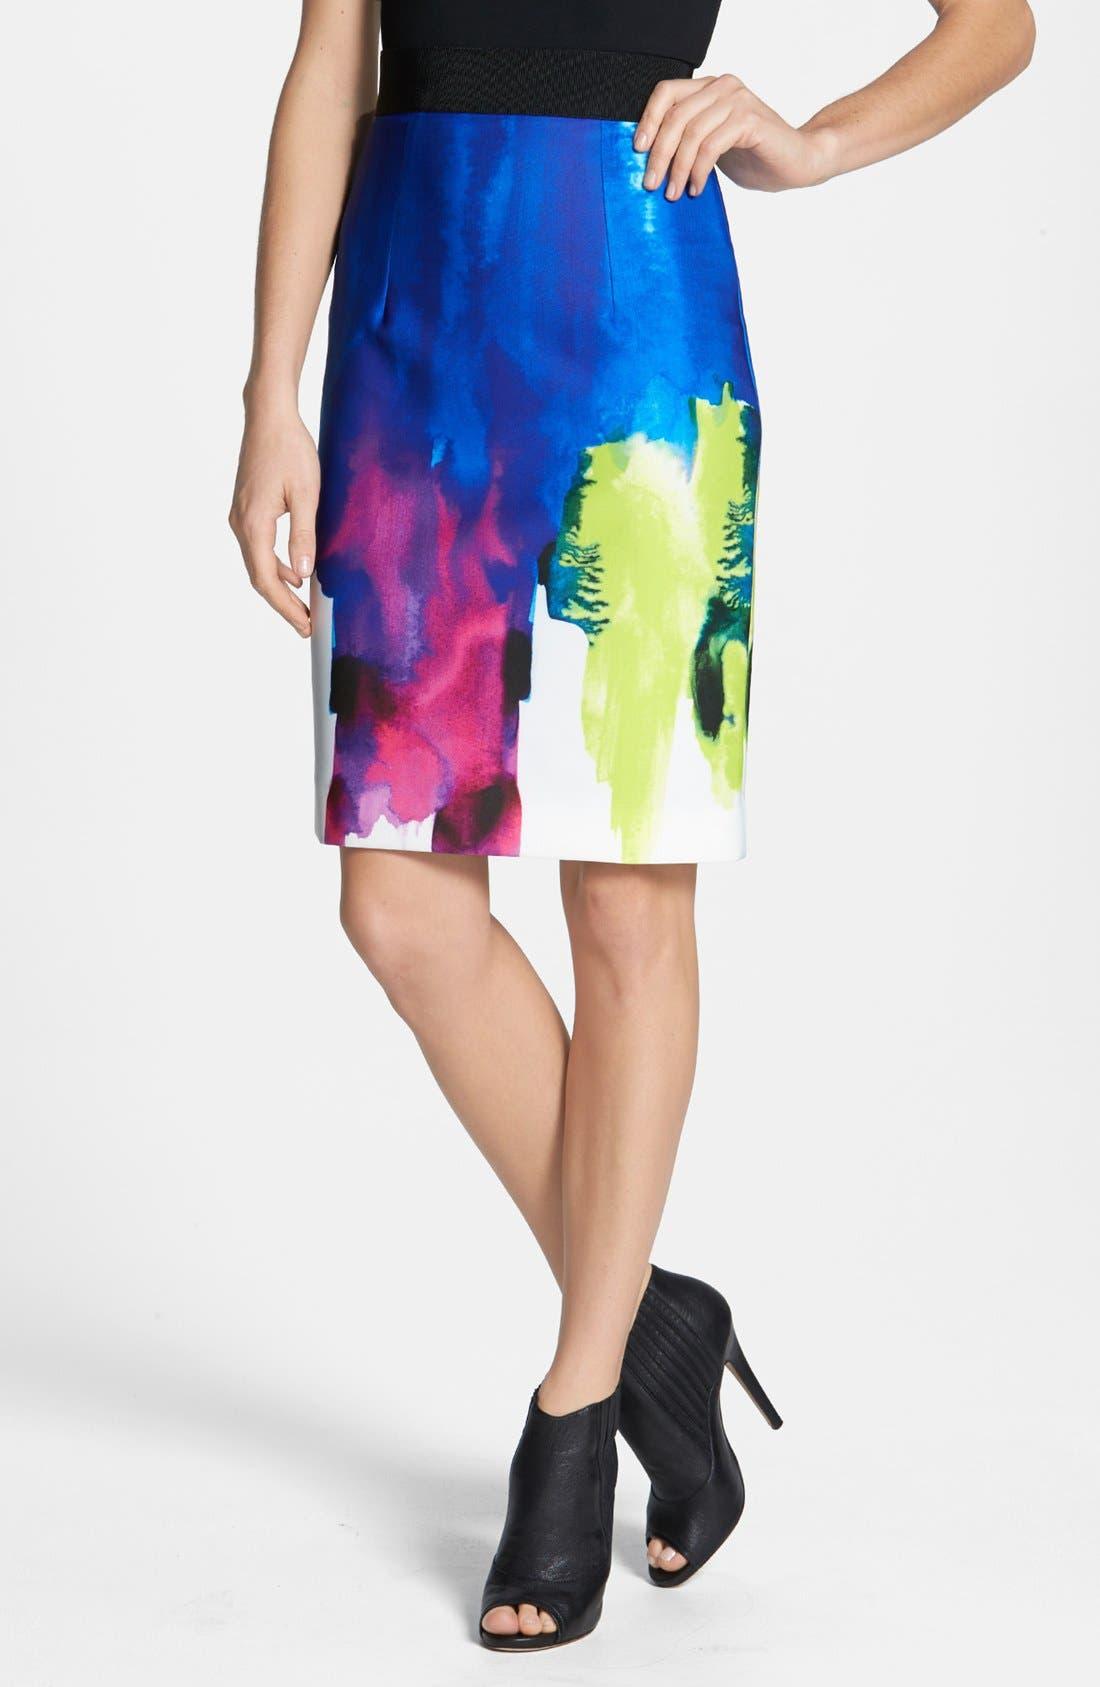 Alternate Image 1 Selected - Milly 'Italian Surf' Neoprene Pencil Skirt